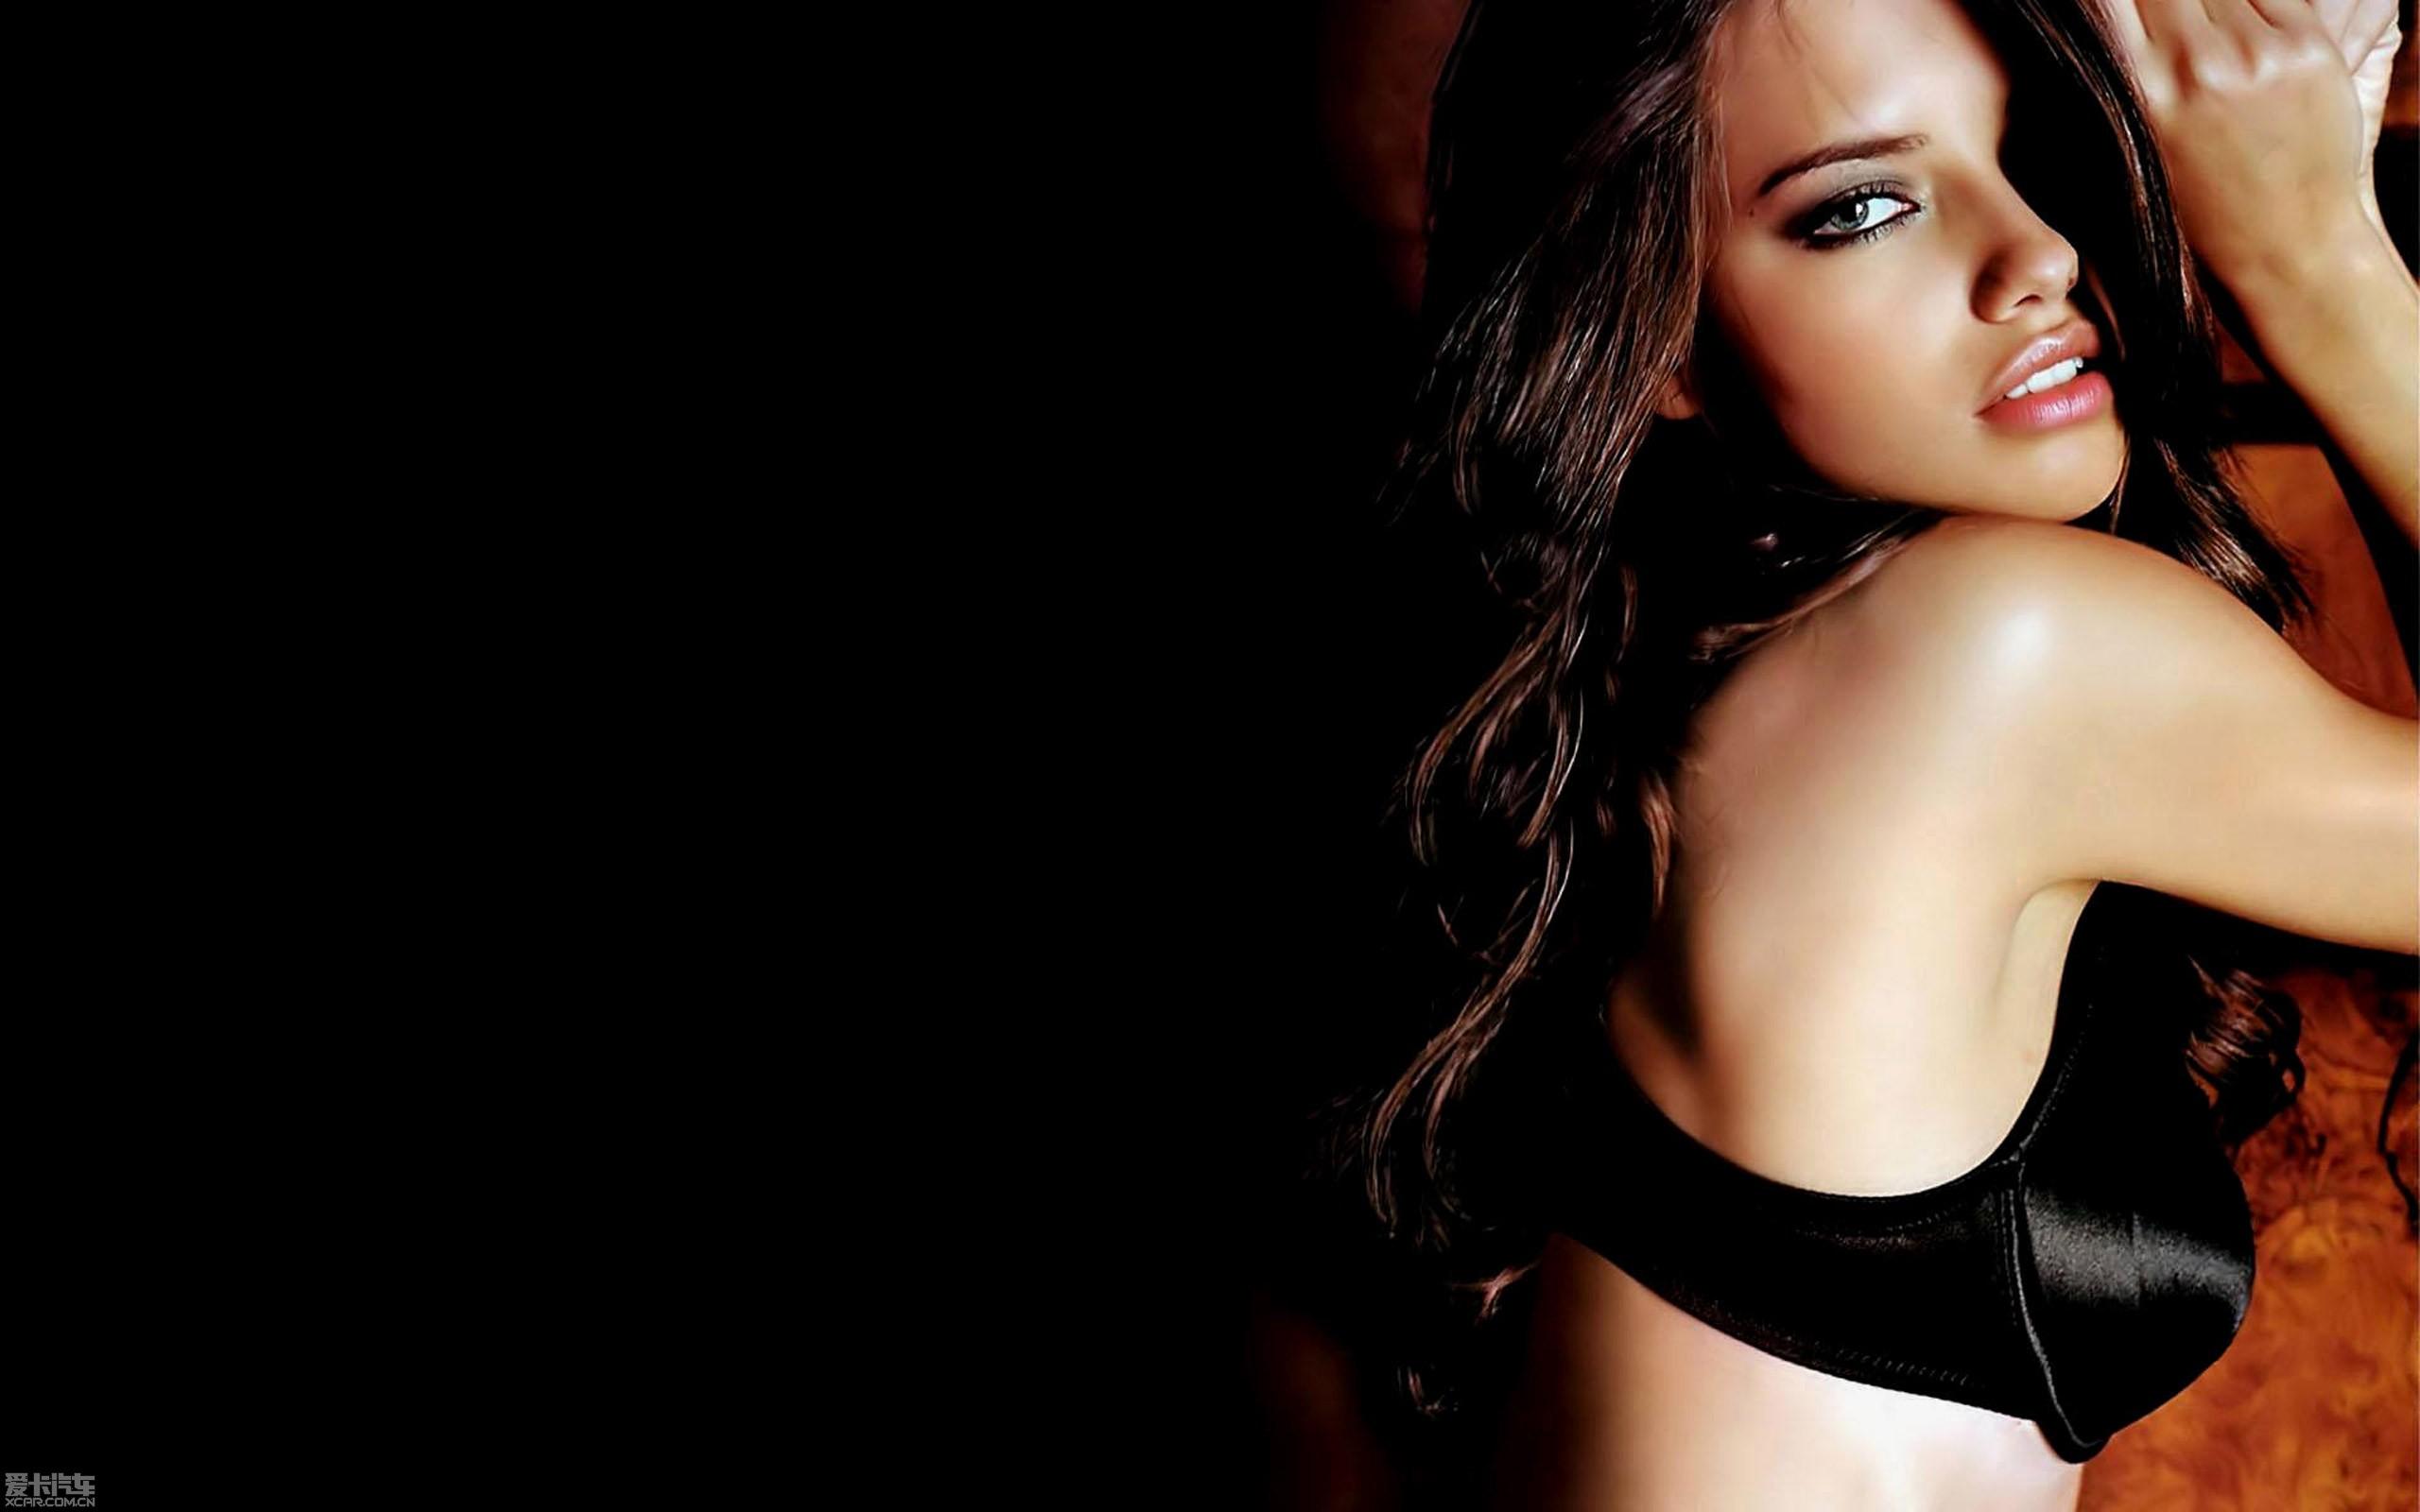 欧美美丽女模实录高清大图!